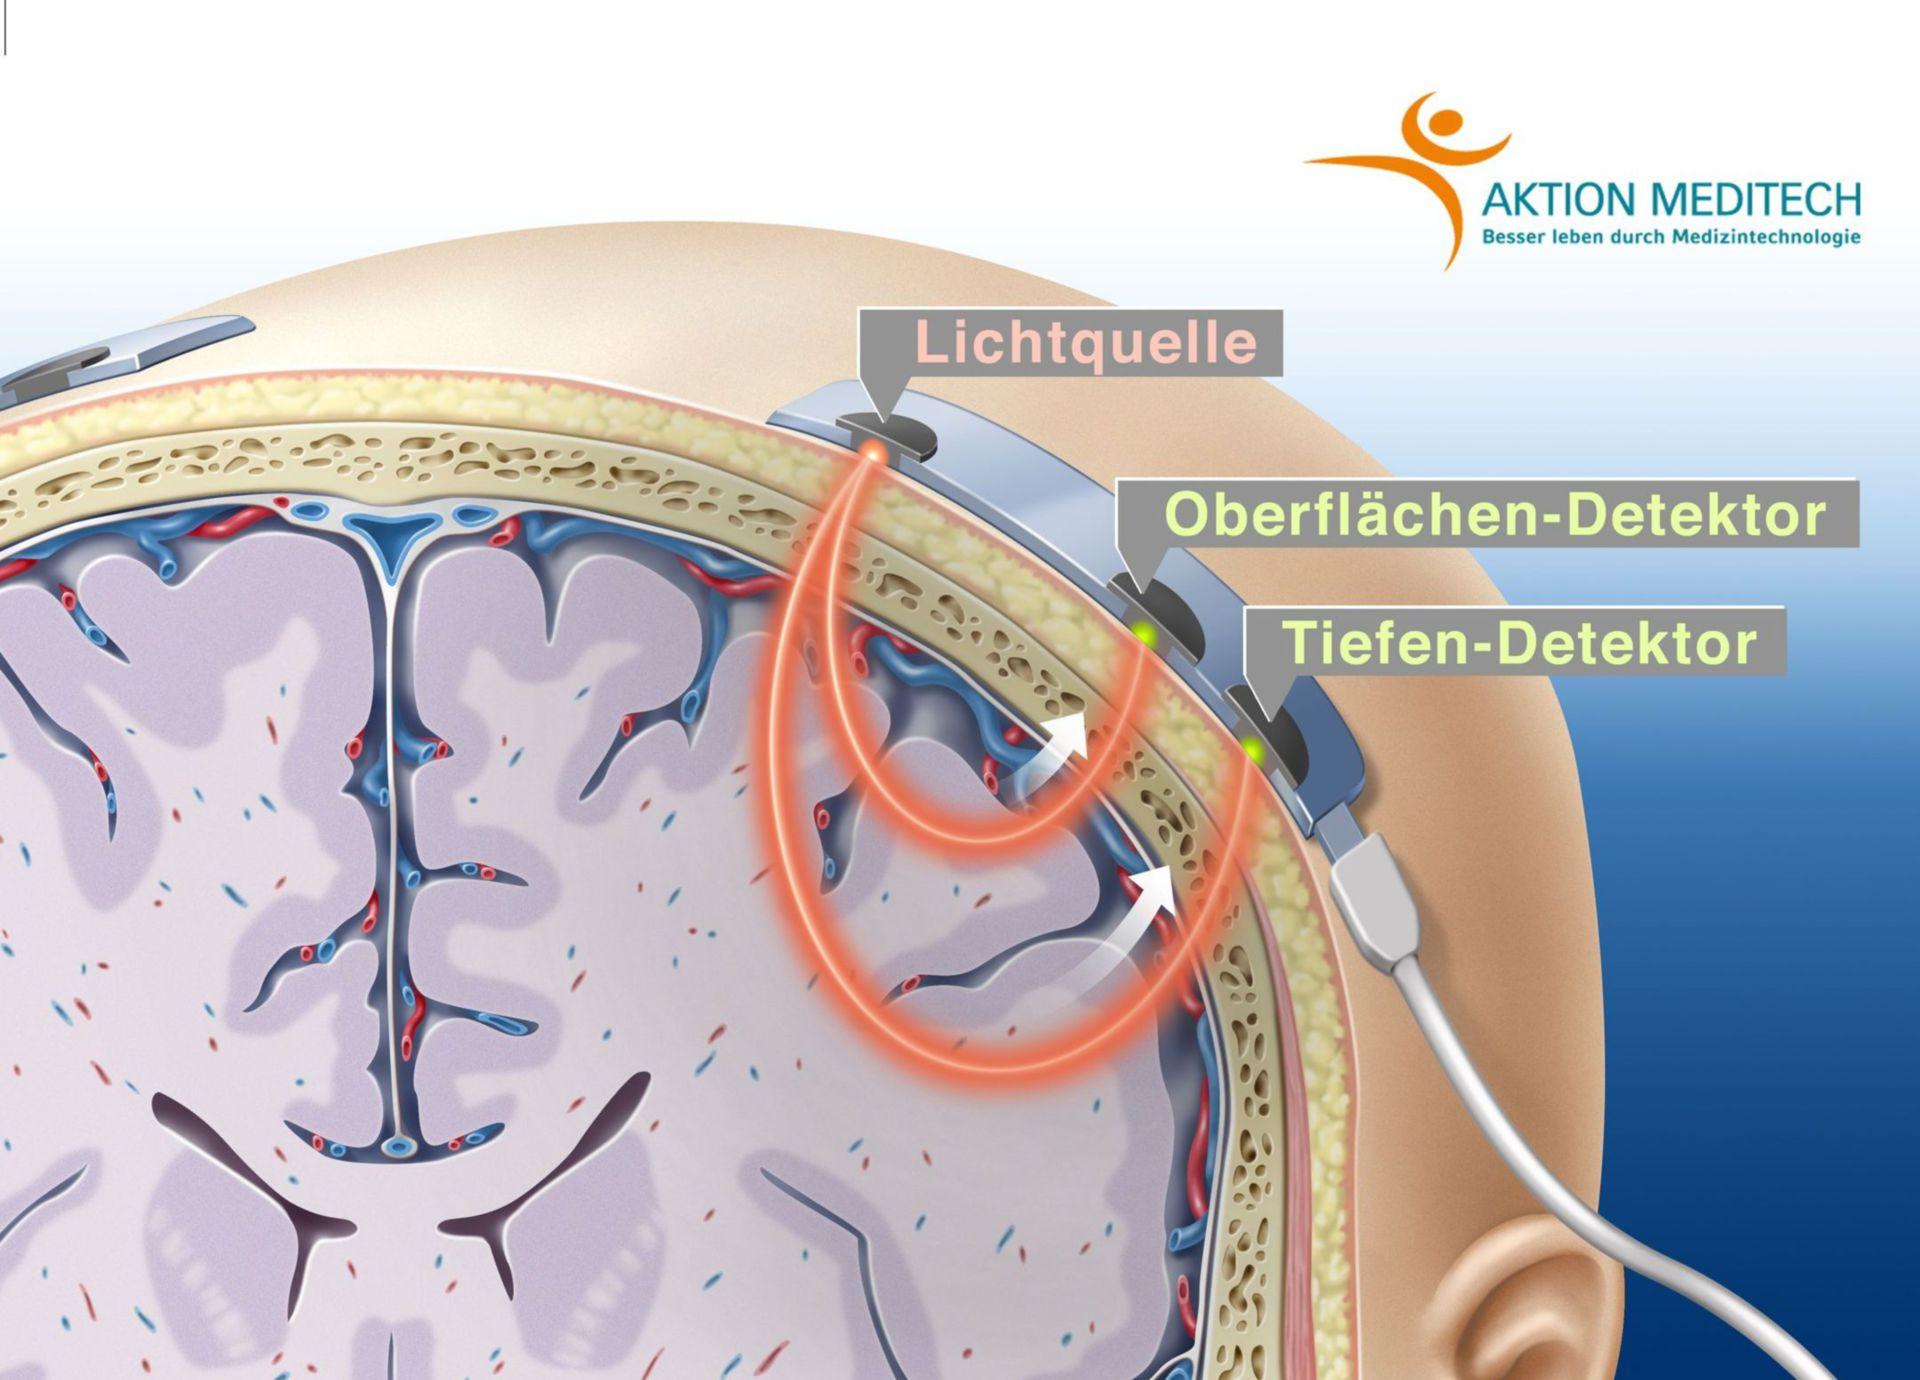 Cerebraloxymetrie